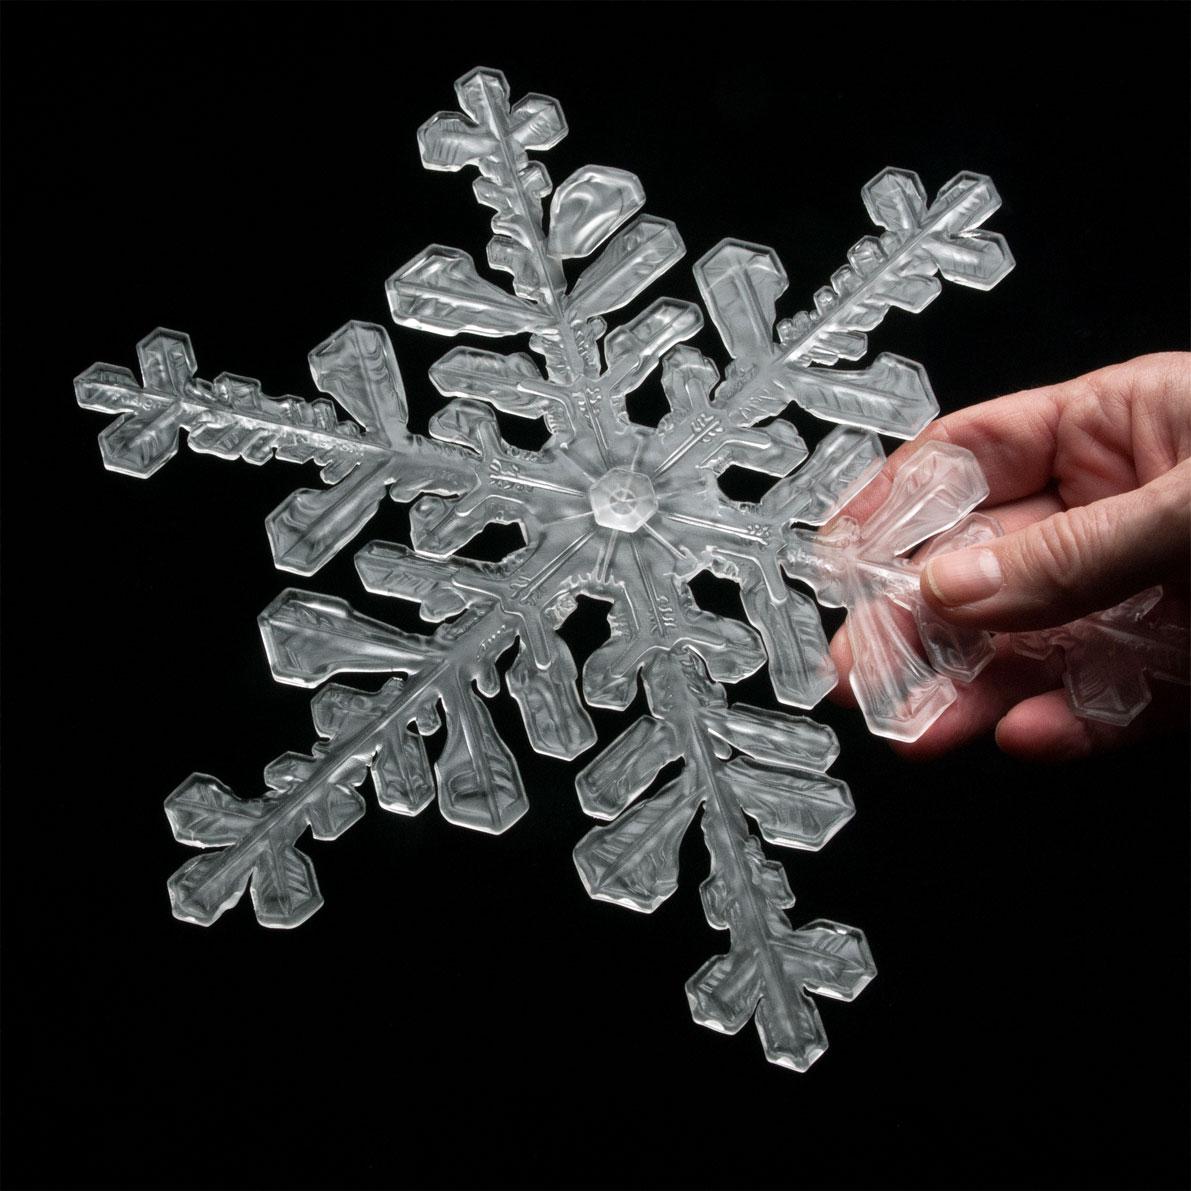 Snowflake-Sq-Crop.jpg